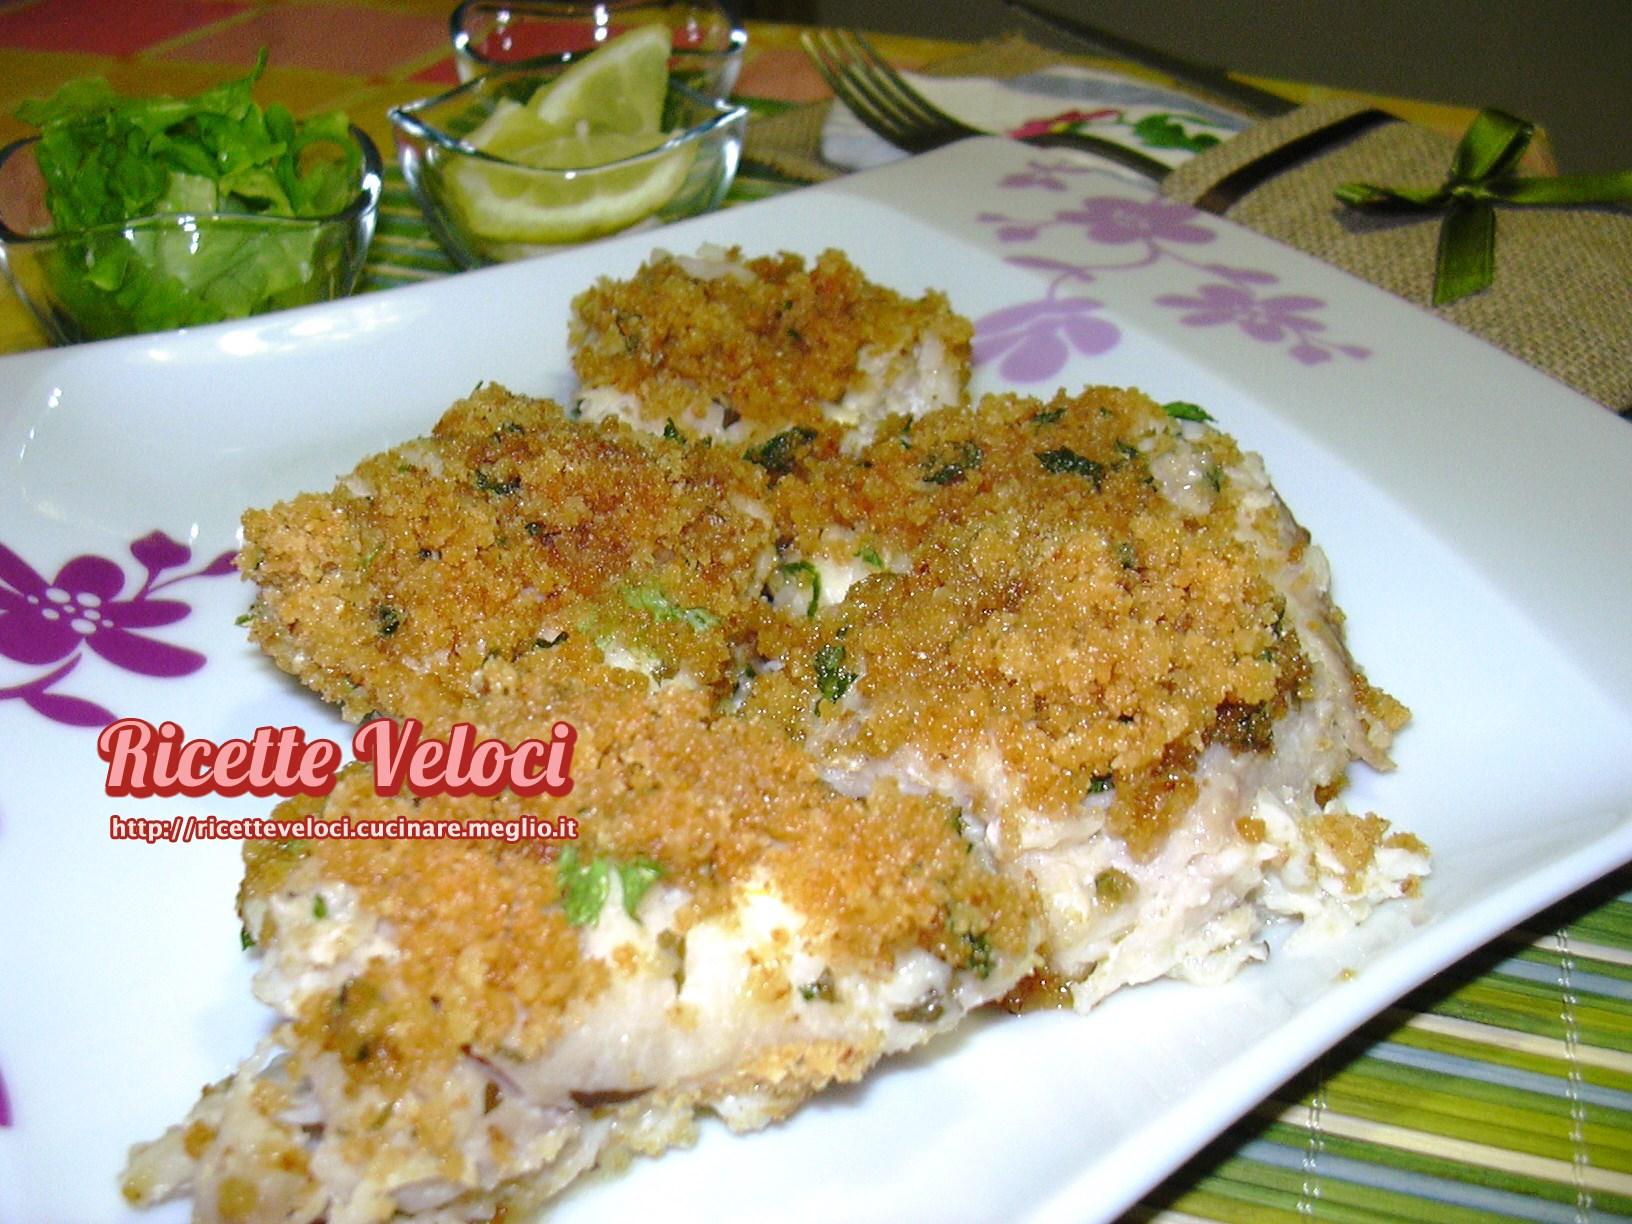 Pesce persico in padella ricette veloci di tania for Ricette veloci pesce